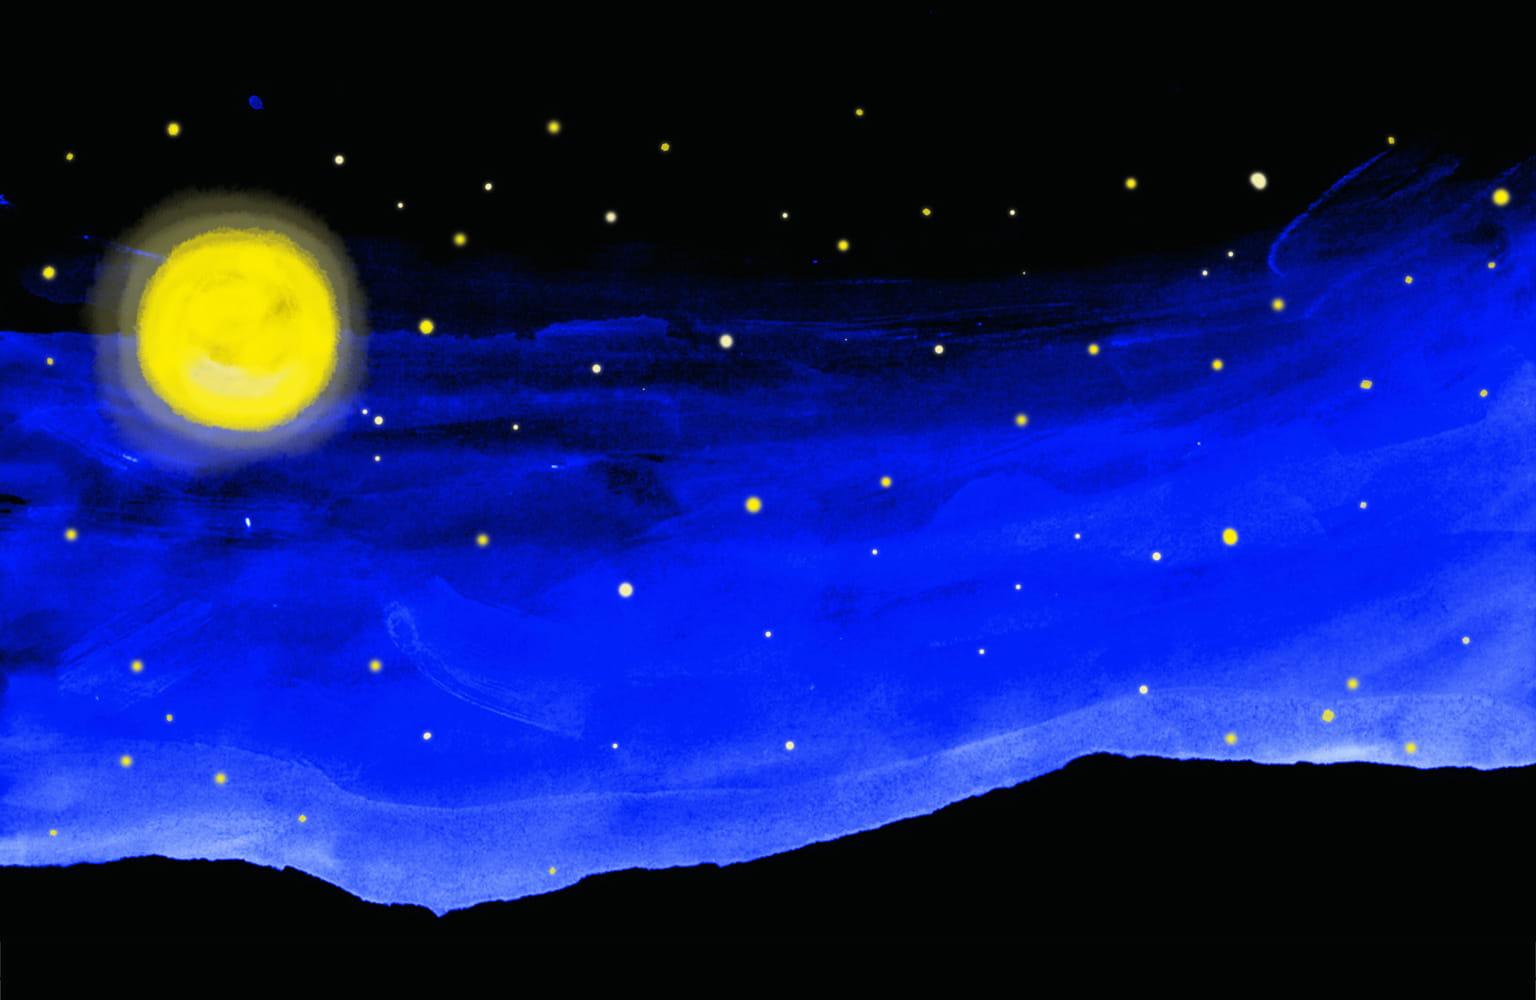 スジャータ婦人会が産声をあげたのは、仏暦2563年が始まる満月の日(2019年5月19日)